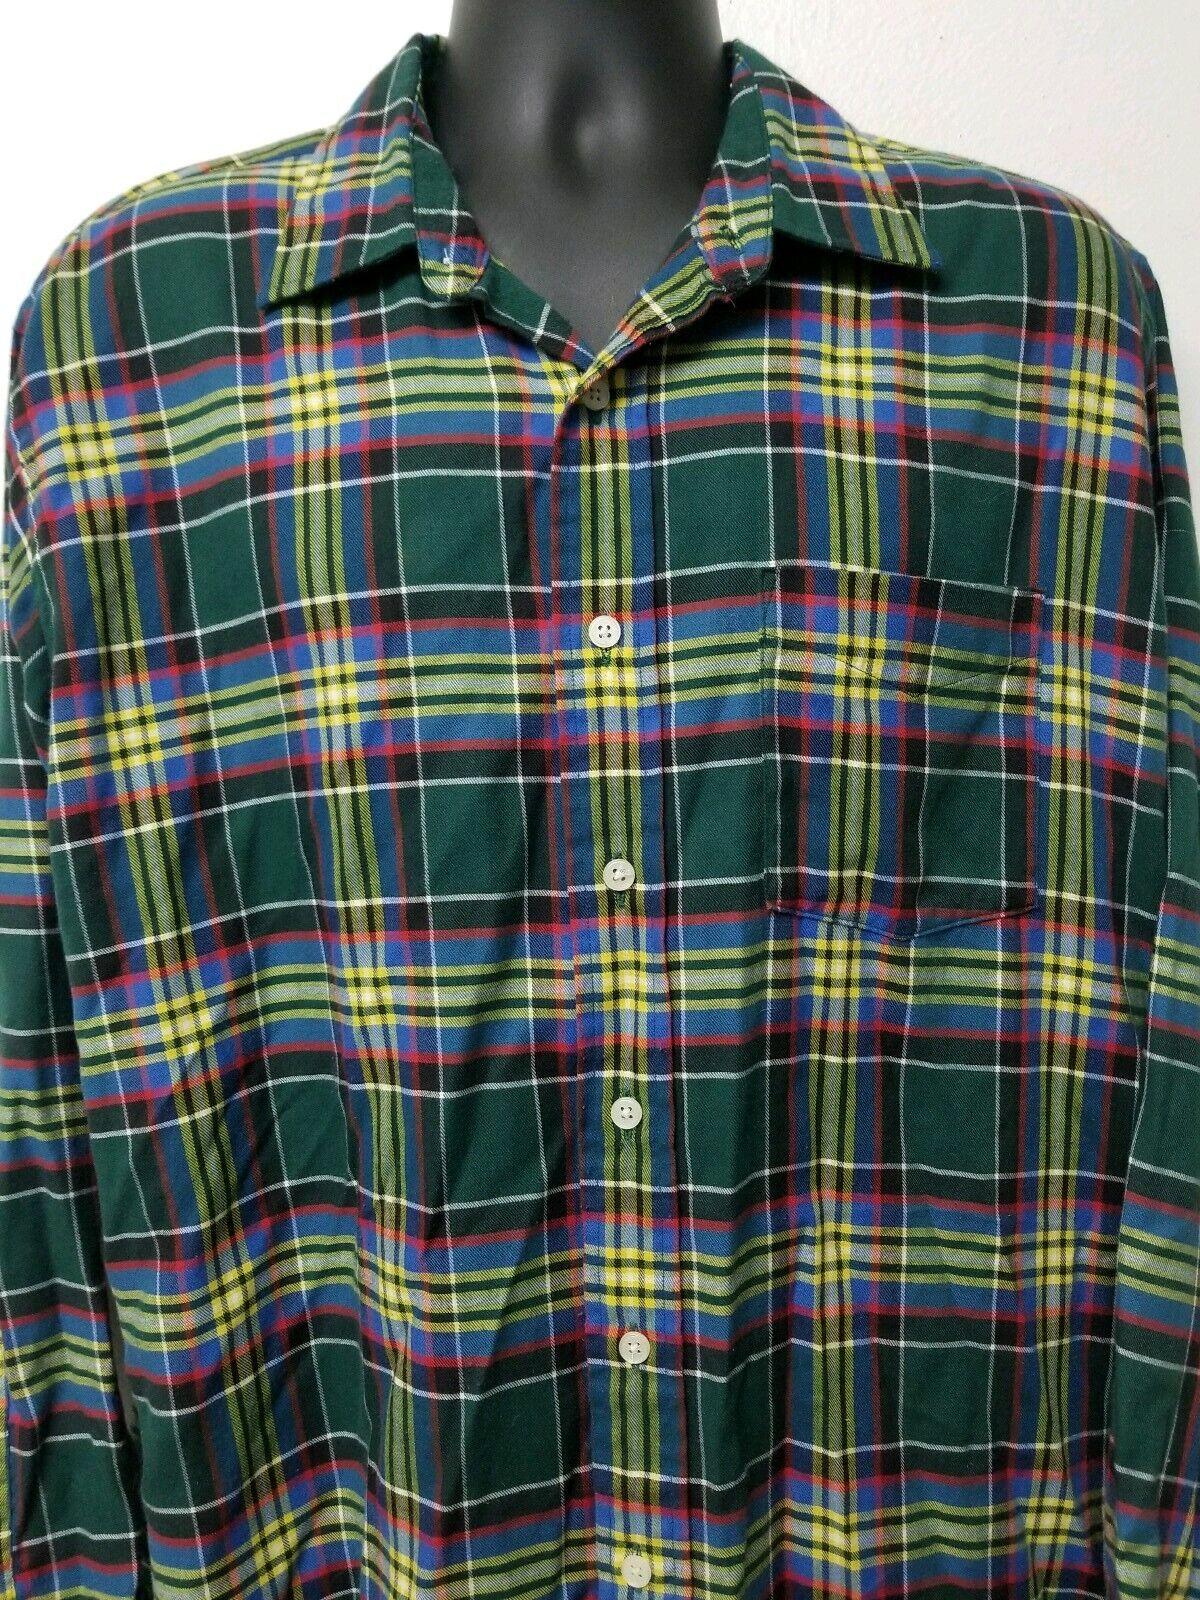 fcac791b8 Bill Blass Men's Shirt Long Sleeve Green Tartan Plaid Button Front XL